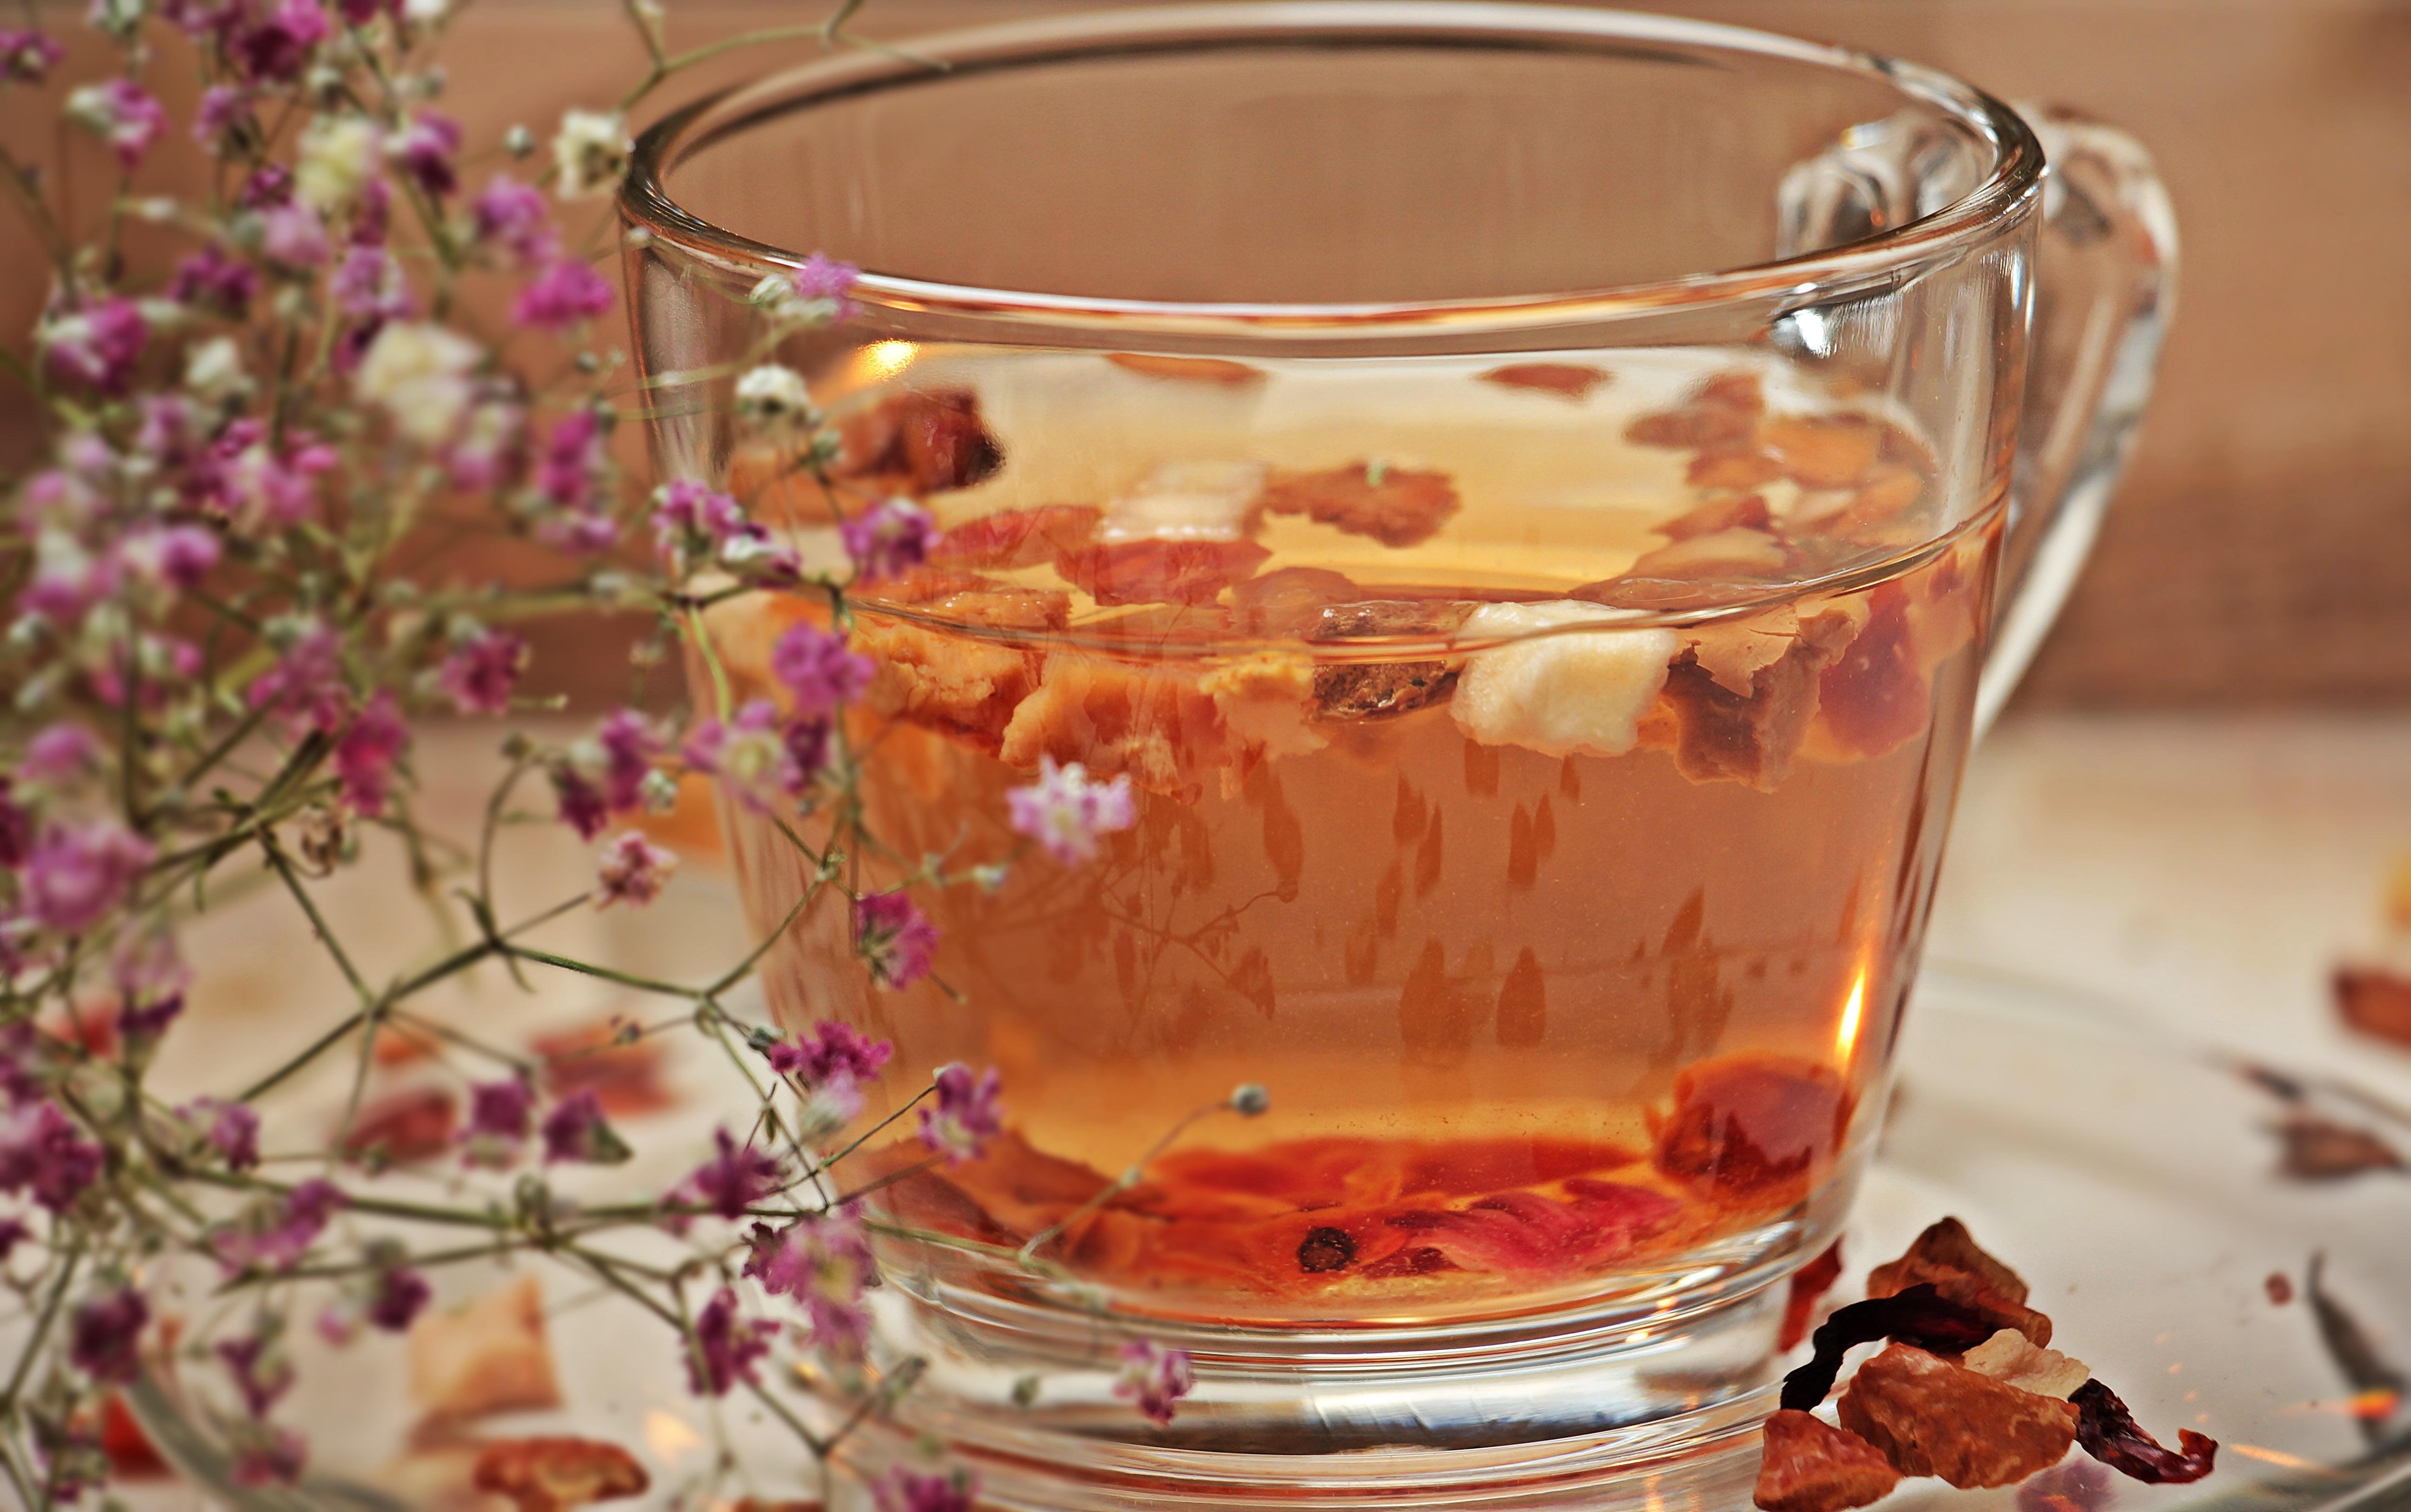 Meleg italkülönlegességek a hideg téli napokra